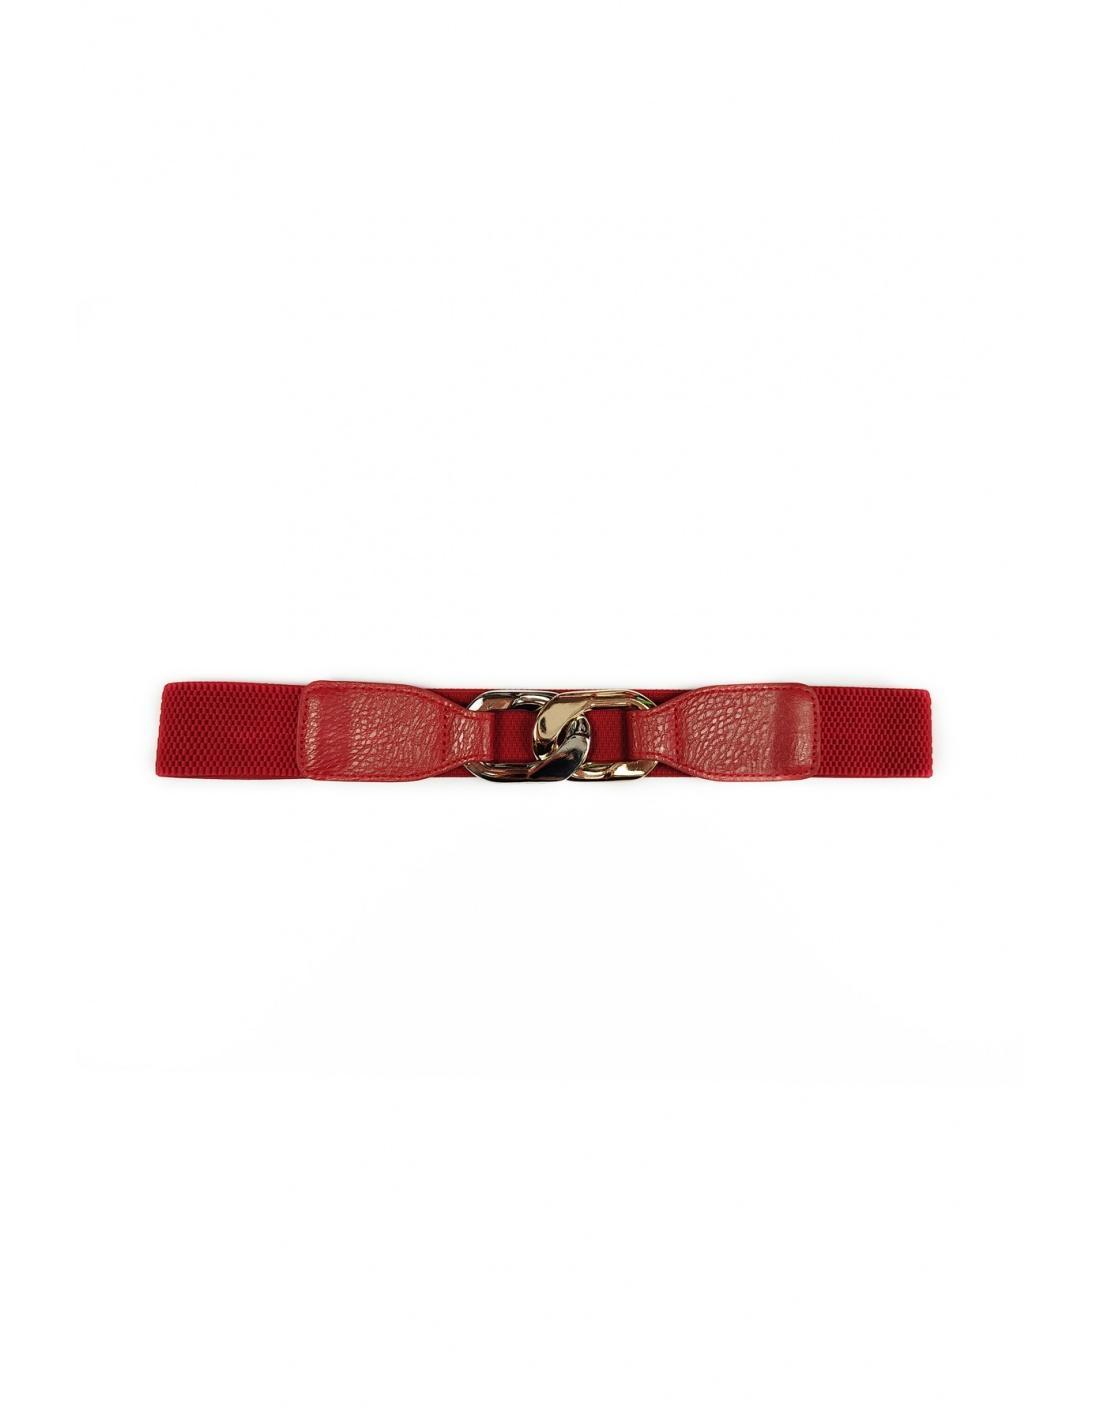 Cinturón rojo con detalles metálico en dorado. Parte de atrás elástica y cierre con gancho.